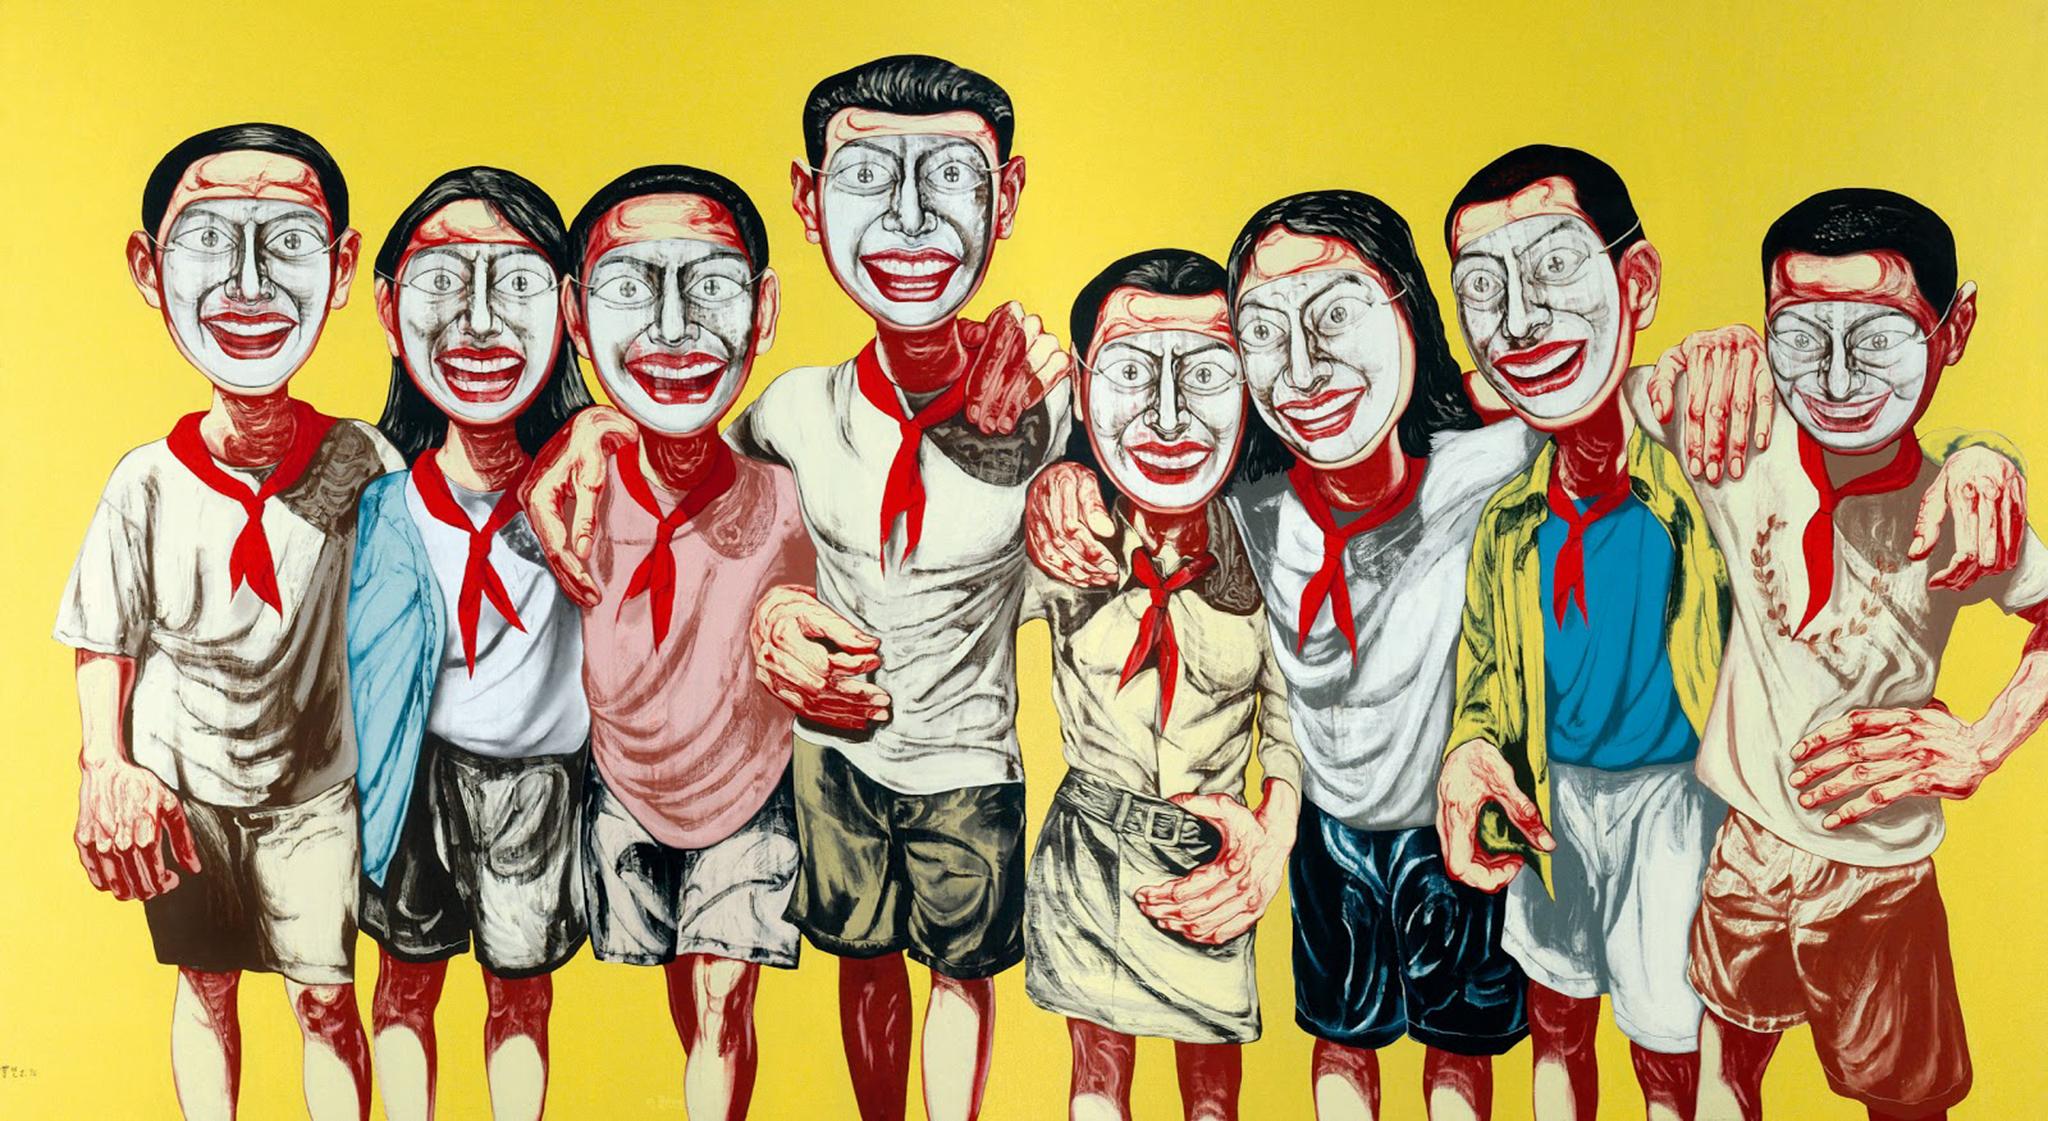 Poly Auction | Leilão traz obra de Zeng Fanzhi a Macau